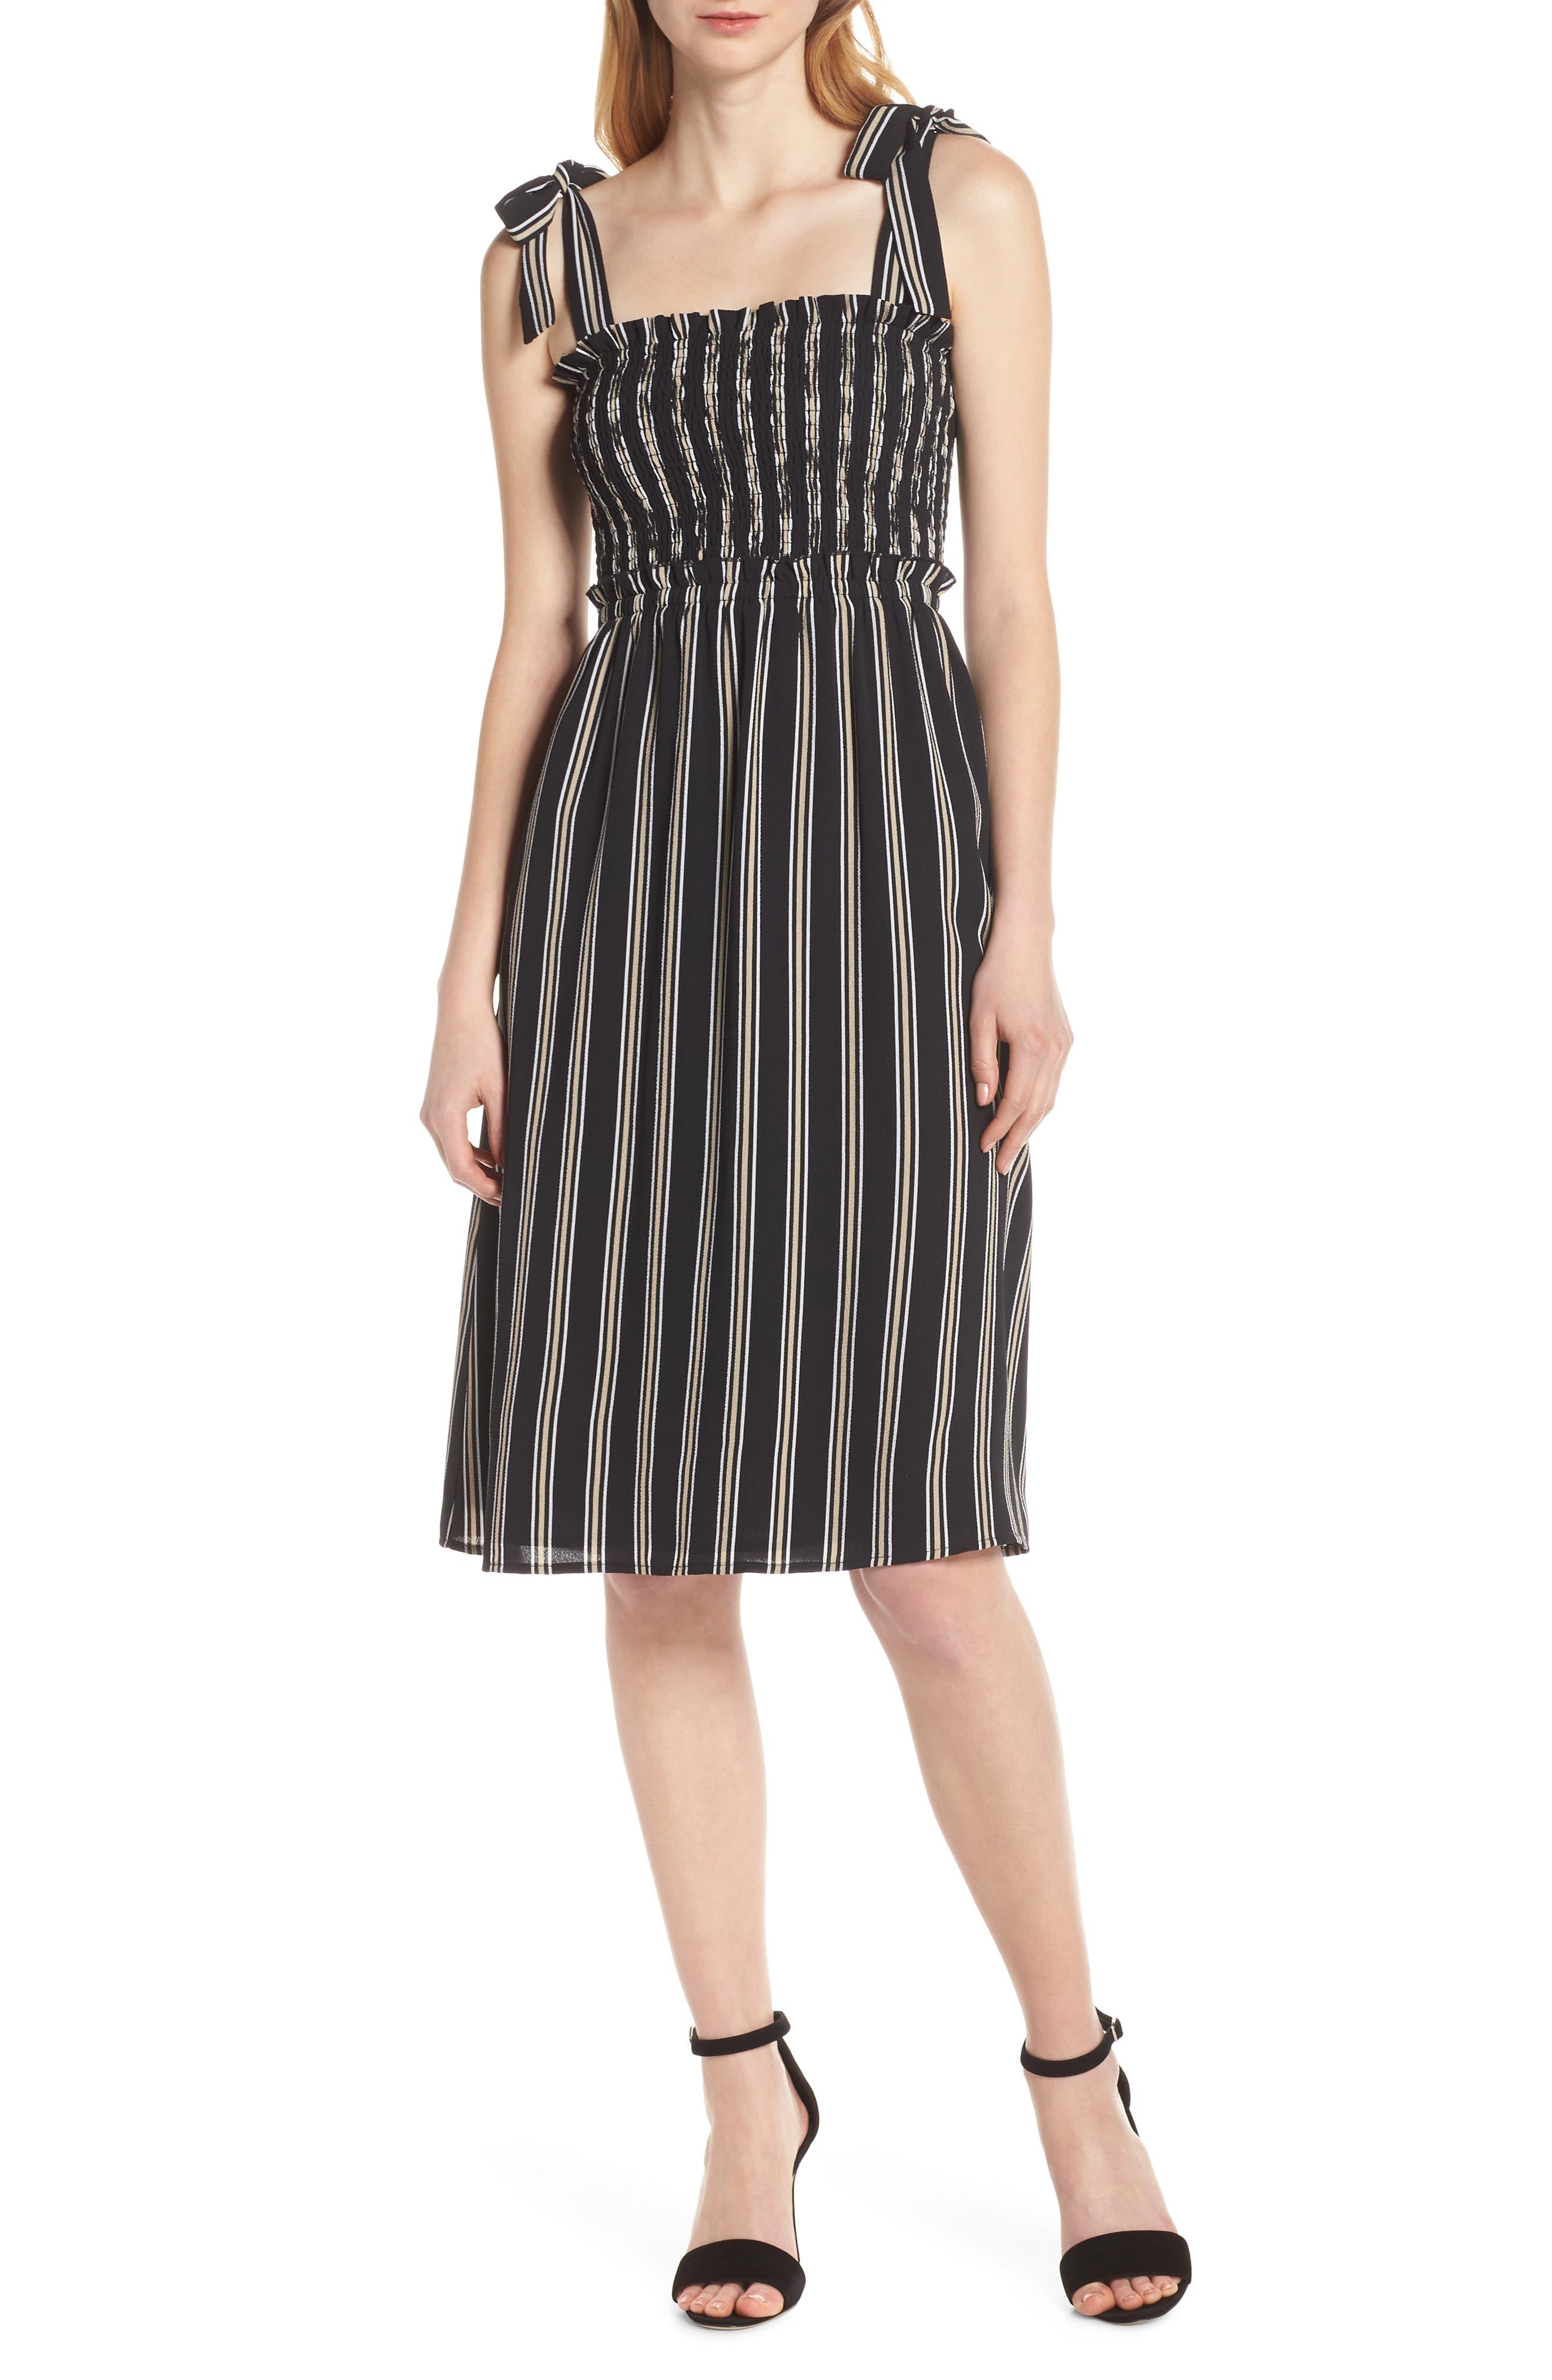 ALI & JAY, Tea for Two Crepe Dress, Main thumbnail 1, color, BLACK MULTI STRIPE